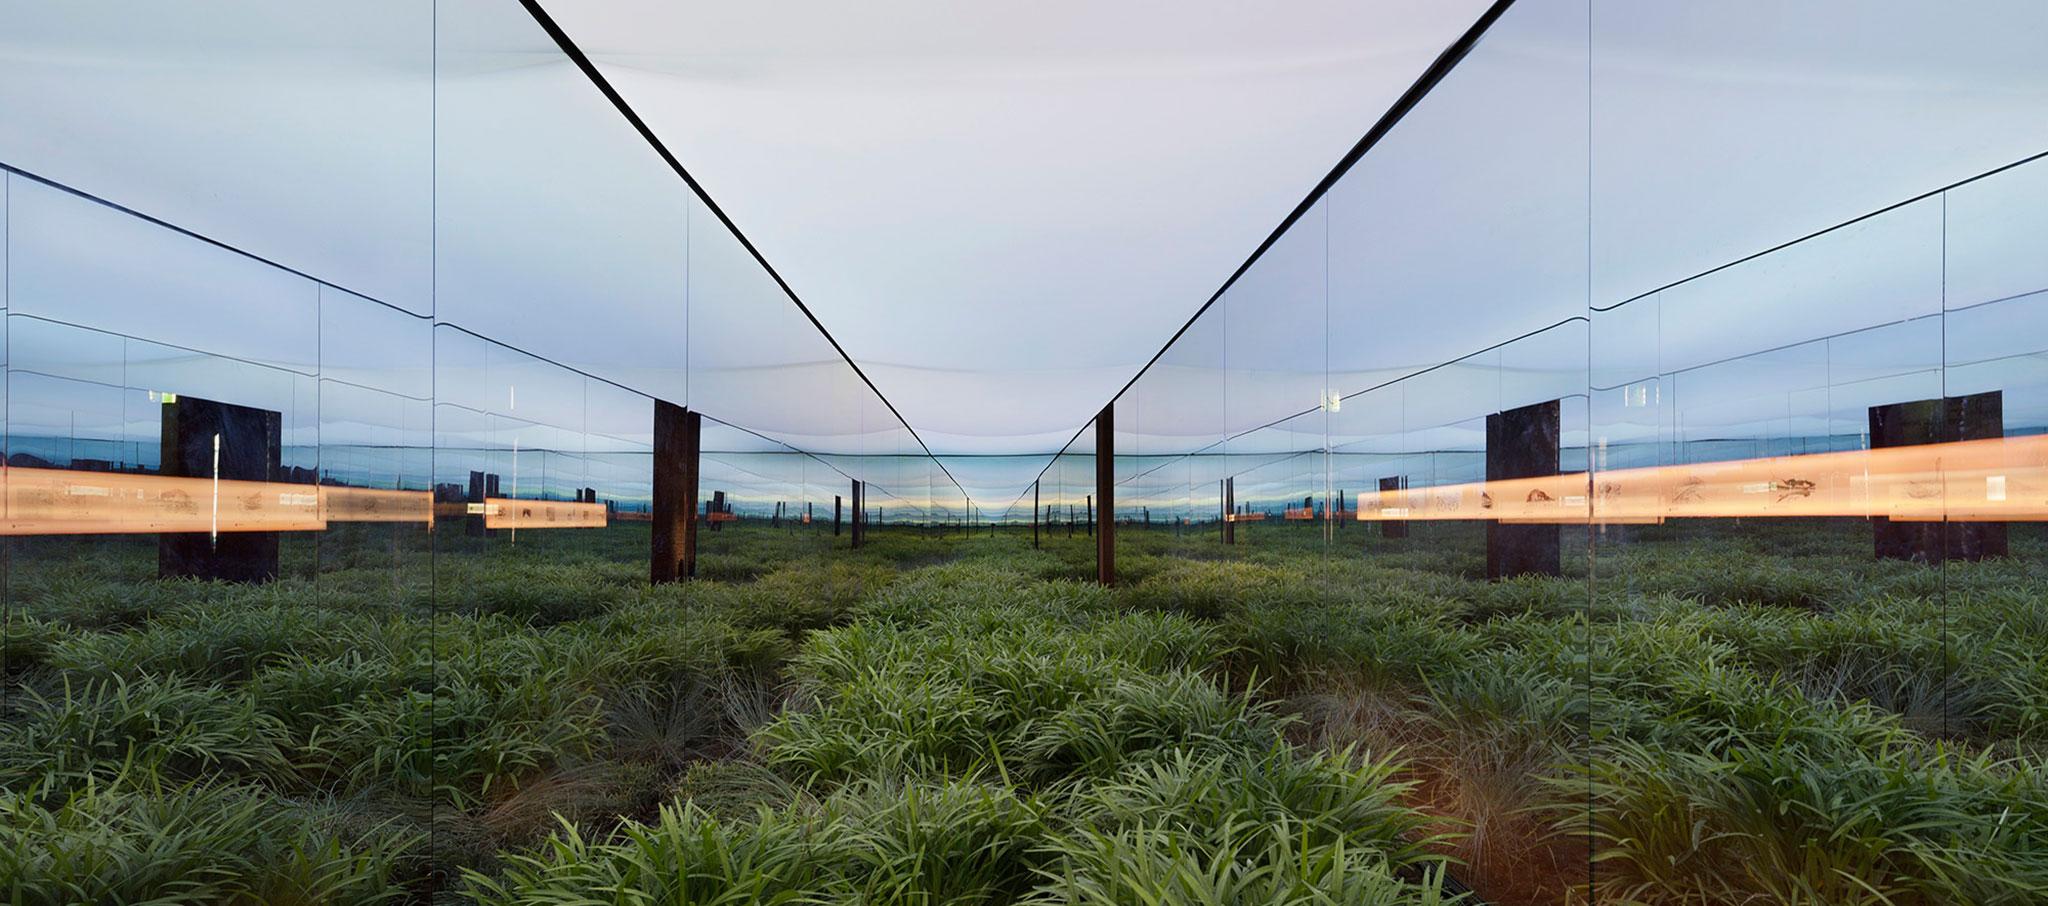 Vértigo Horizontal. 16 Mostra Internazionale di Architettura - La Biennale di Venezia, FREESPACE. Fotografía por Francesco Galli, cortesía La Biennale di Venezia